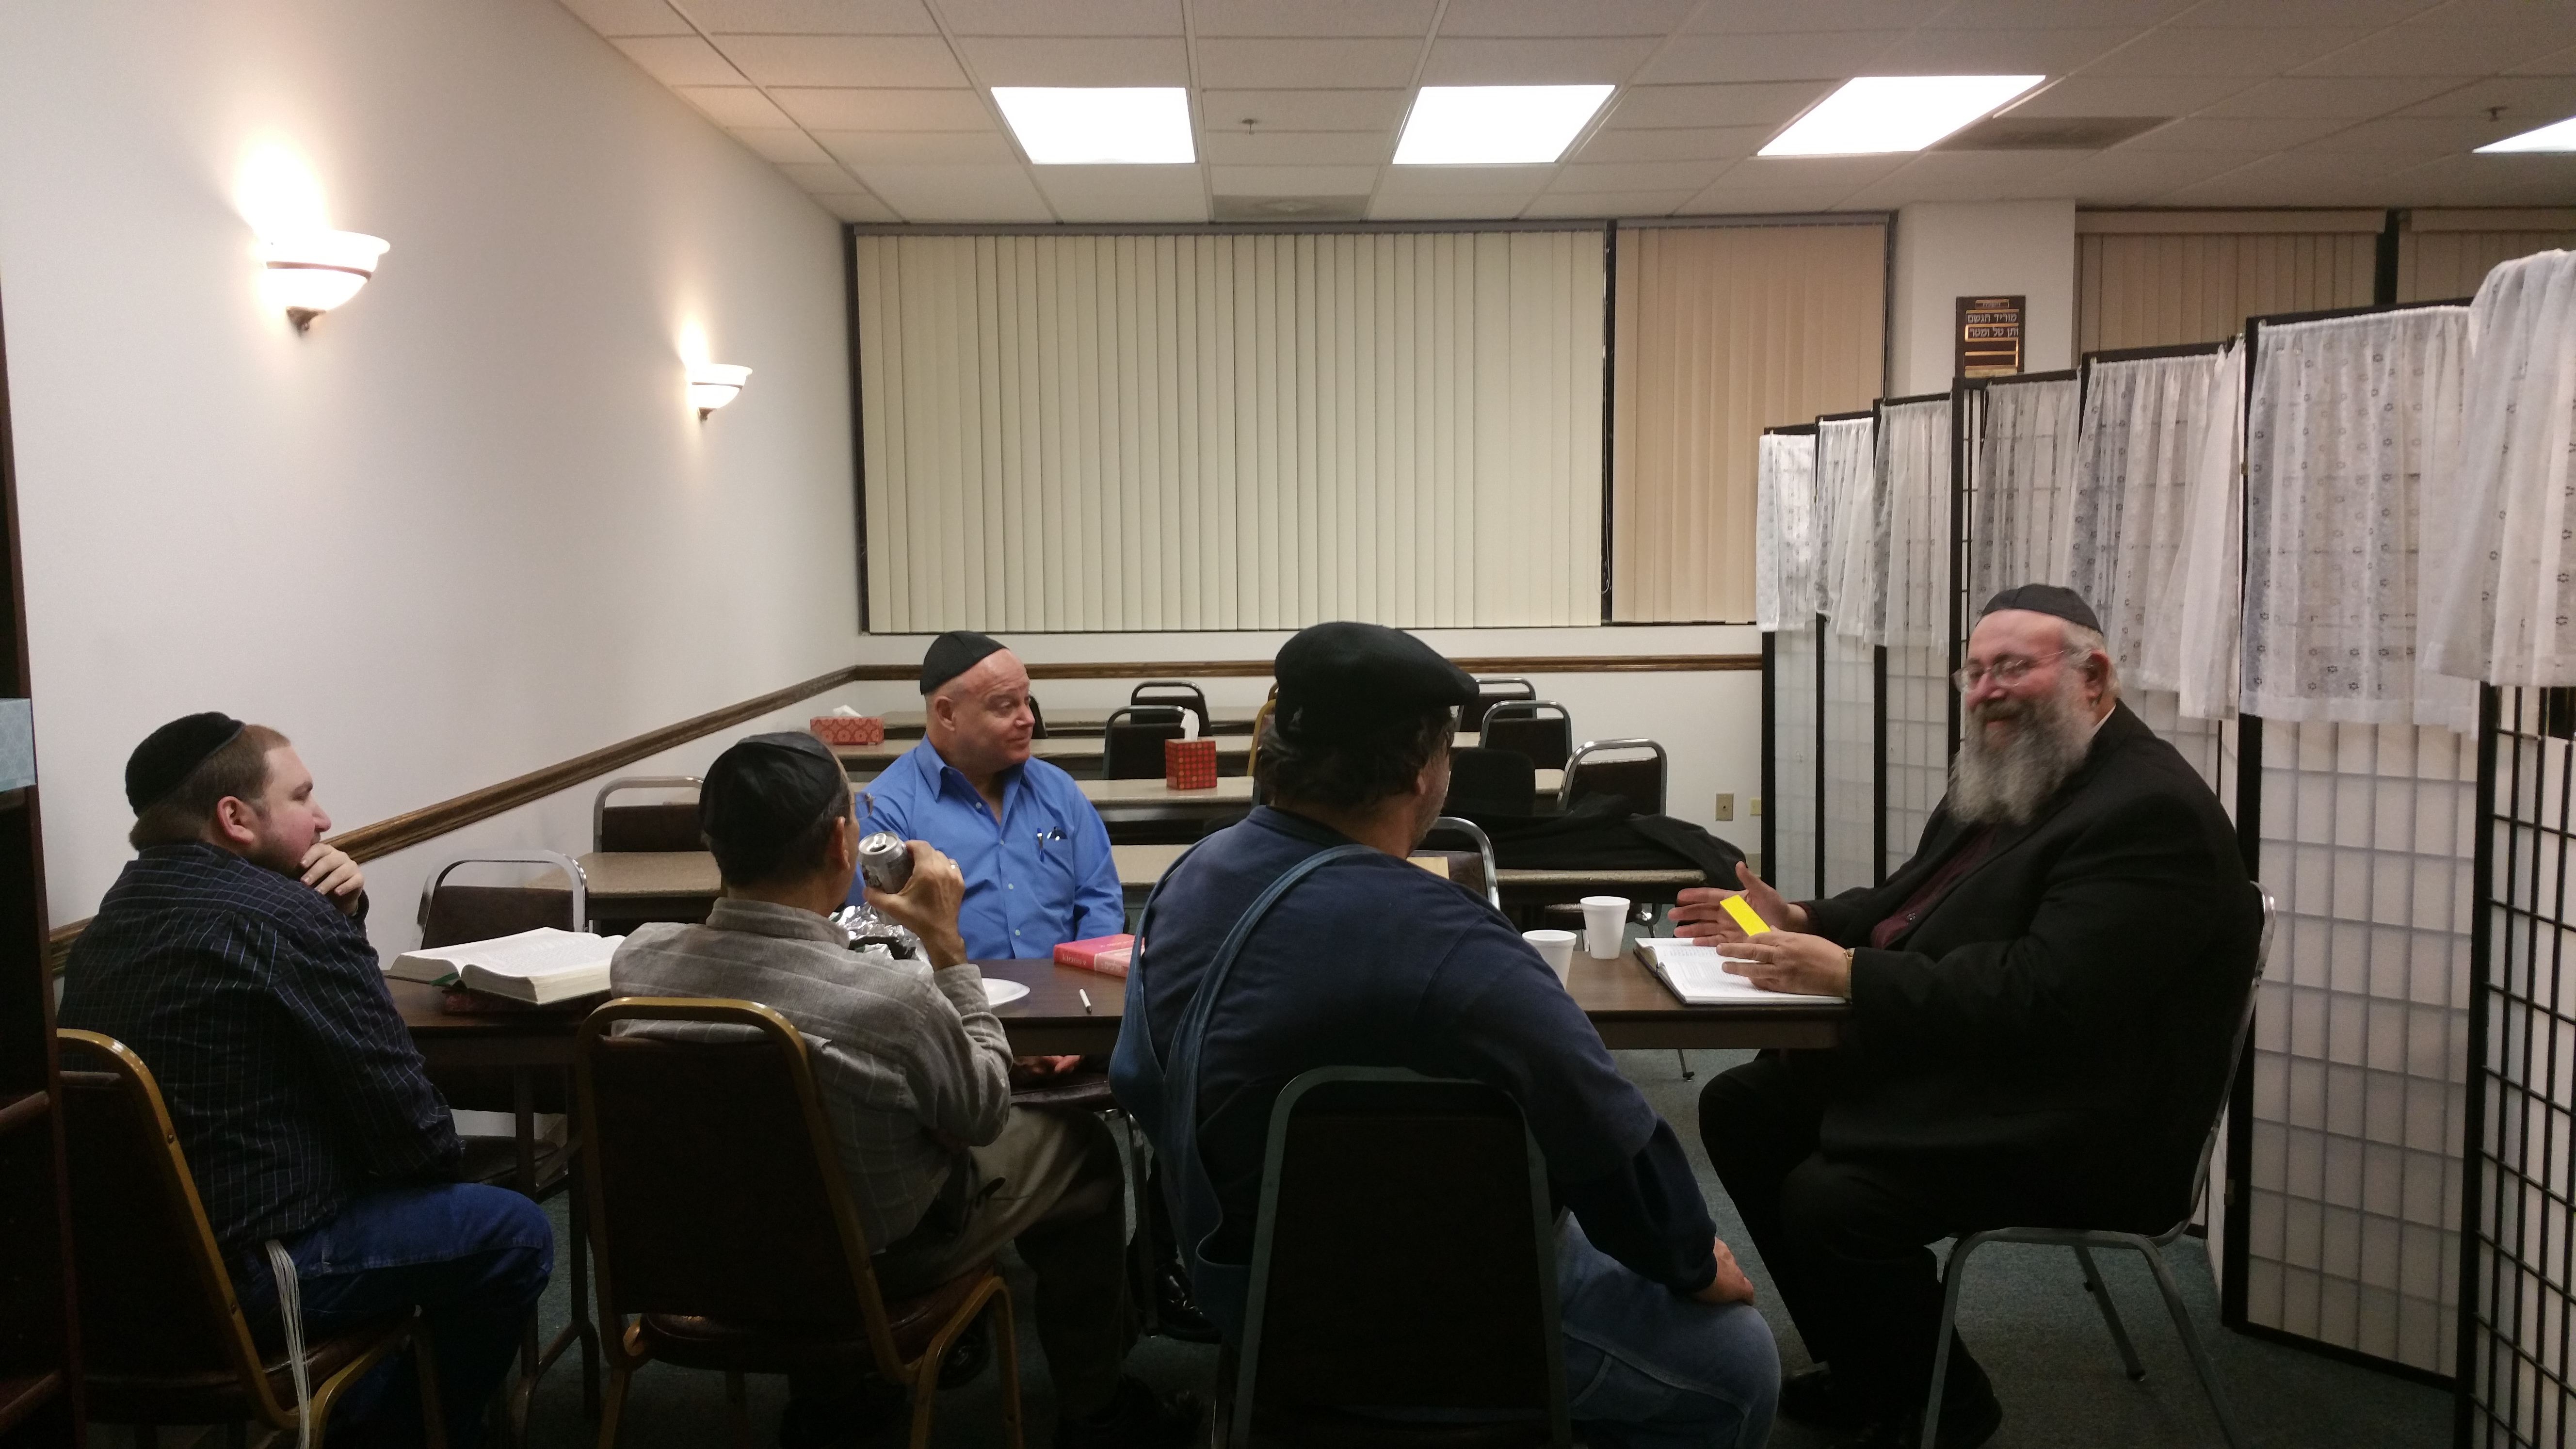 Rabbi Miller's class